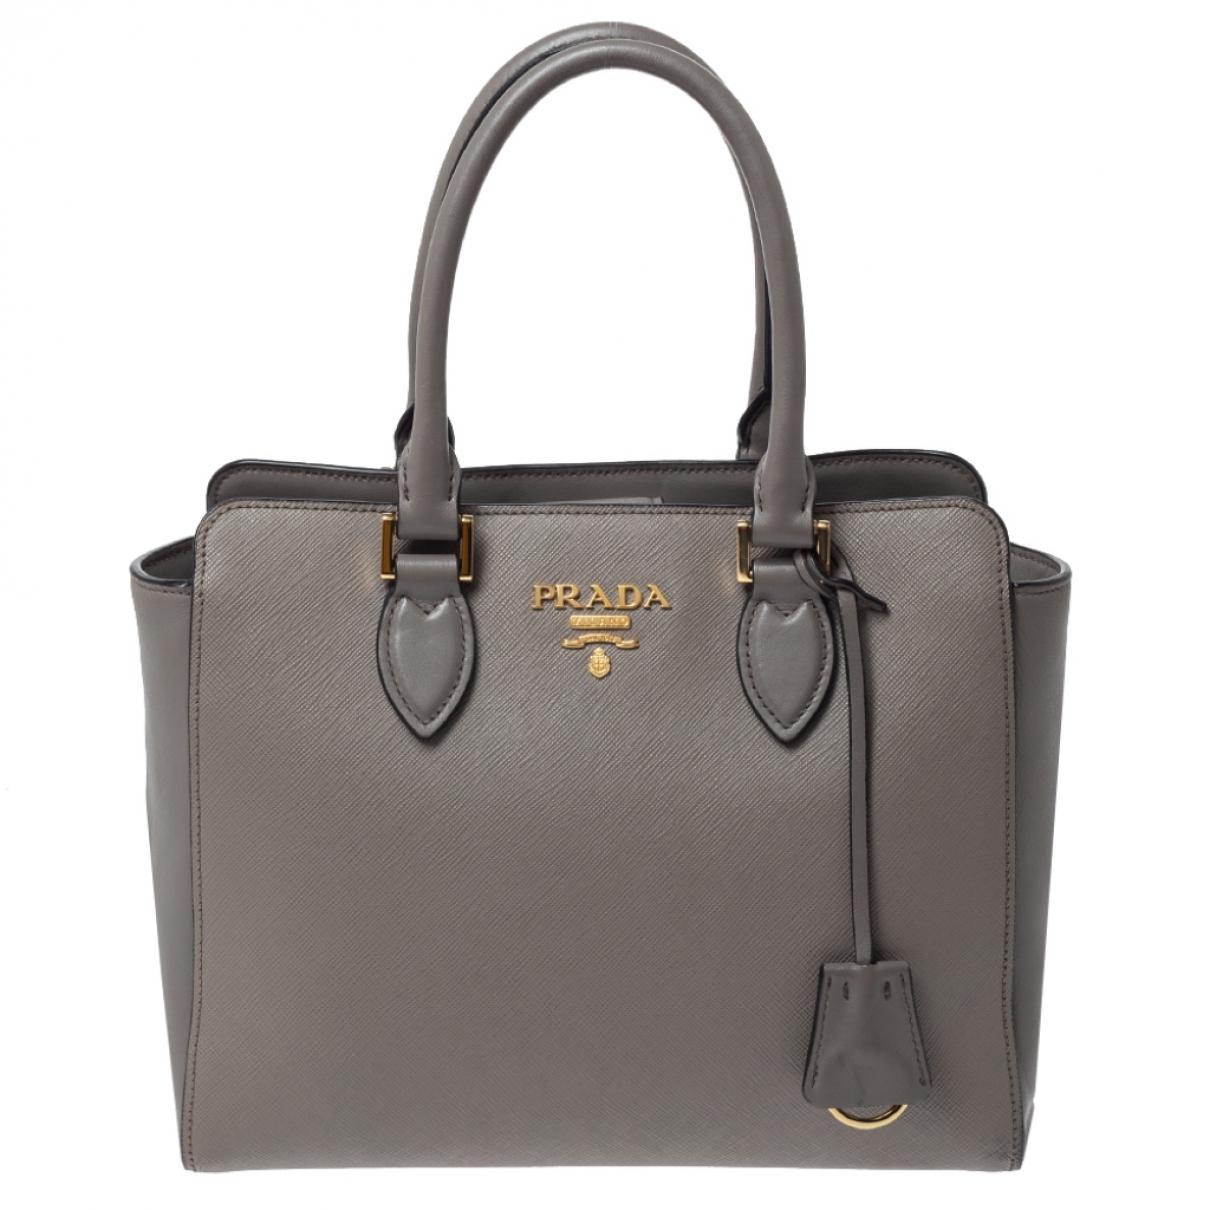 Prada saffiano  Grey Leather handbag for Women N